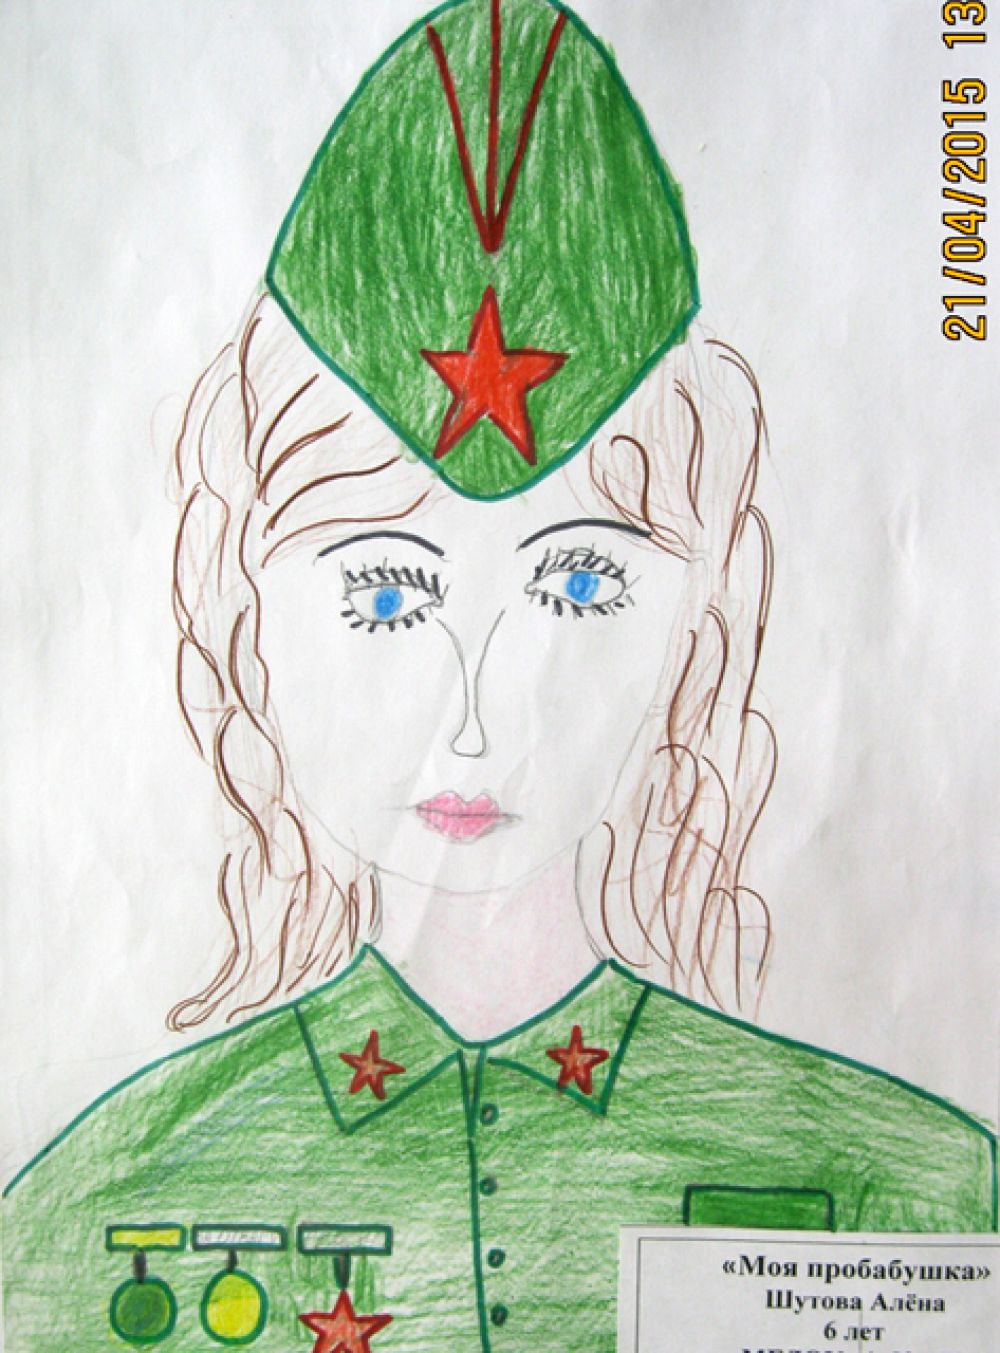 Участник №185. Шутова Алена, детский сад  №150